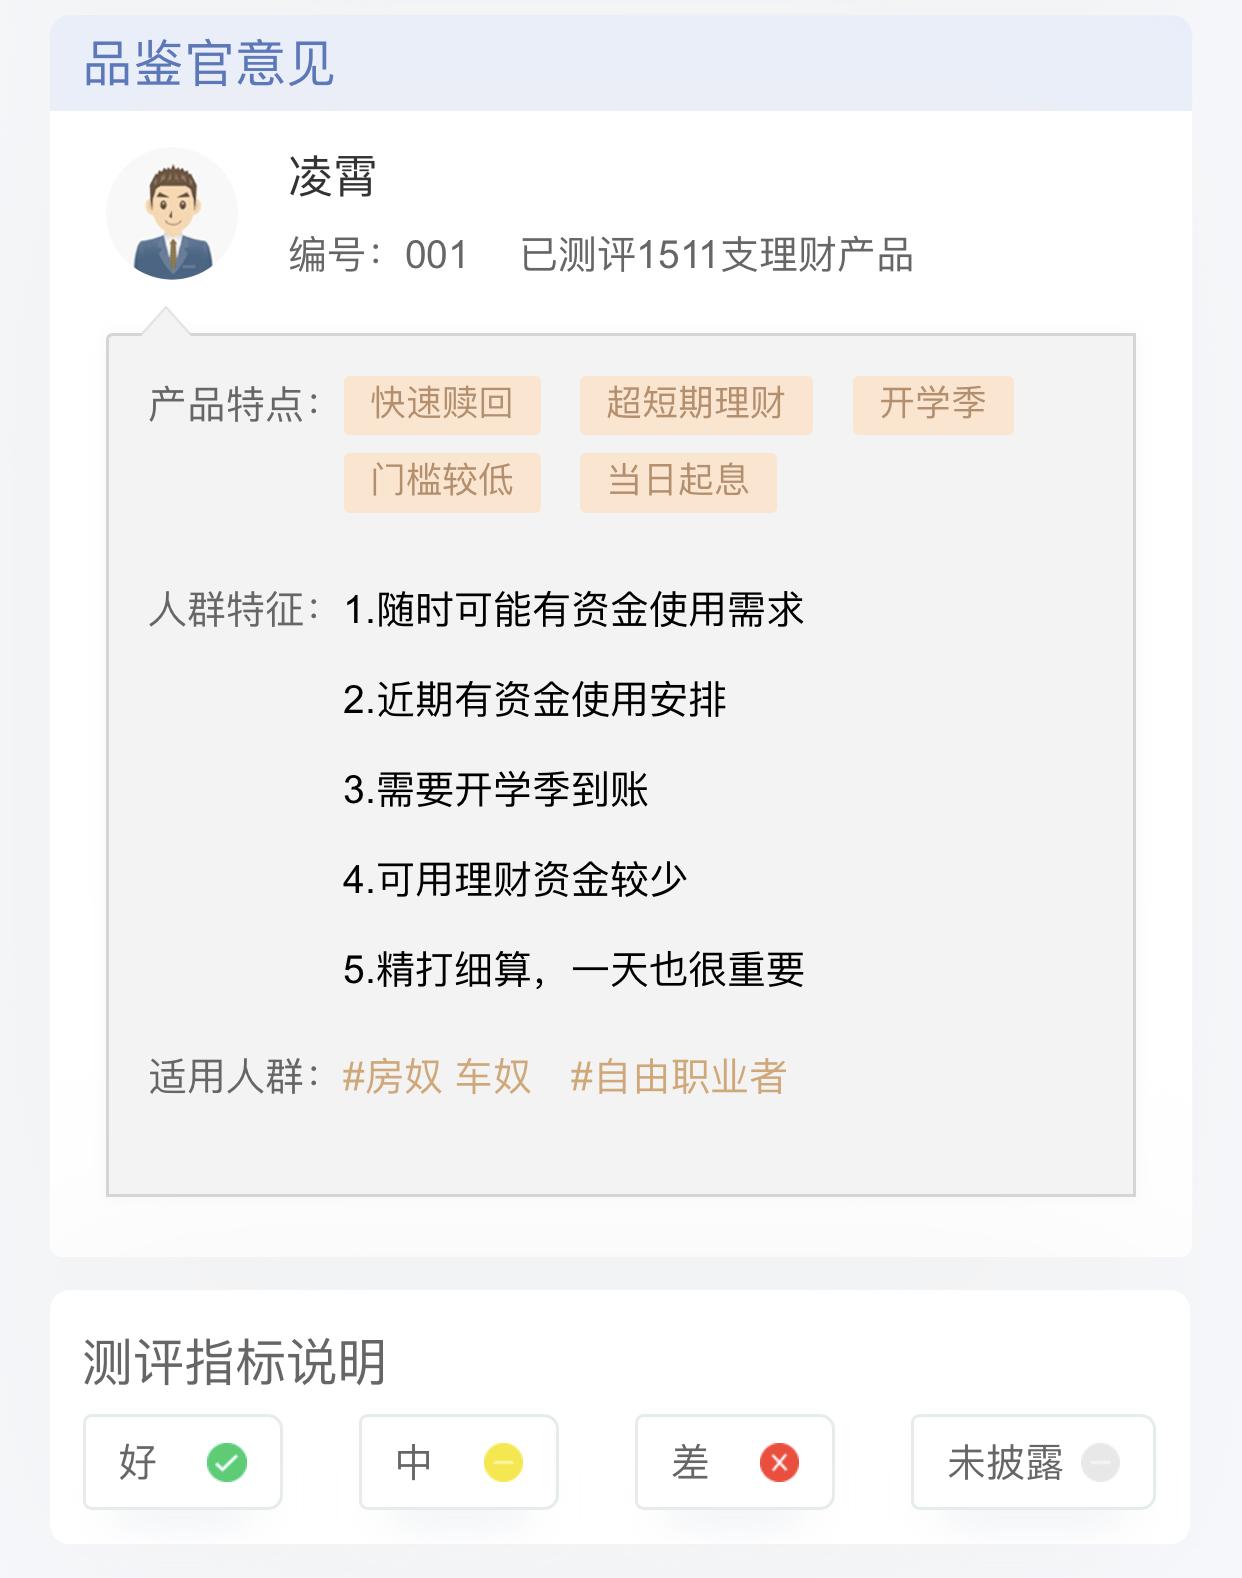 理财产品测评:邮储银行・邮银财富・理财宝人民币理财产品